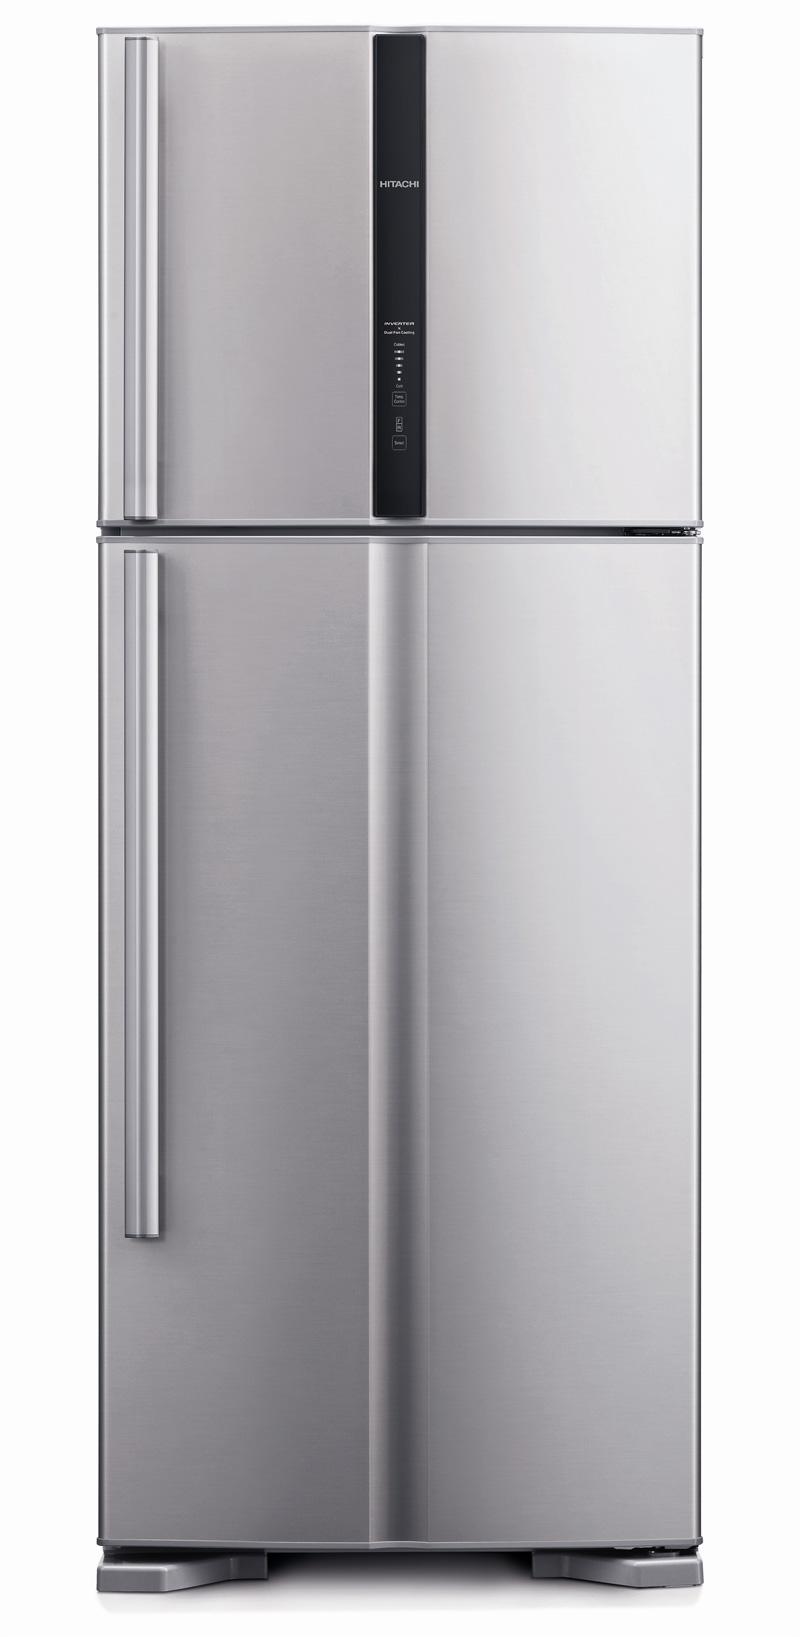 Refrigerator - 450L, 2 Doors, Silver      H-RV540PG3SLS